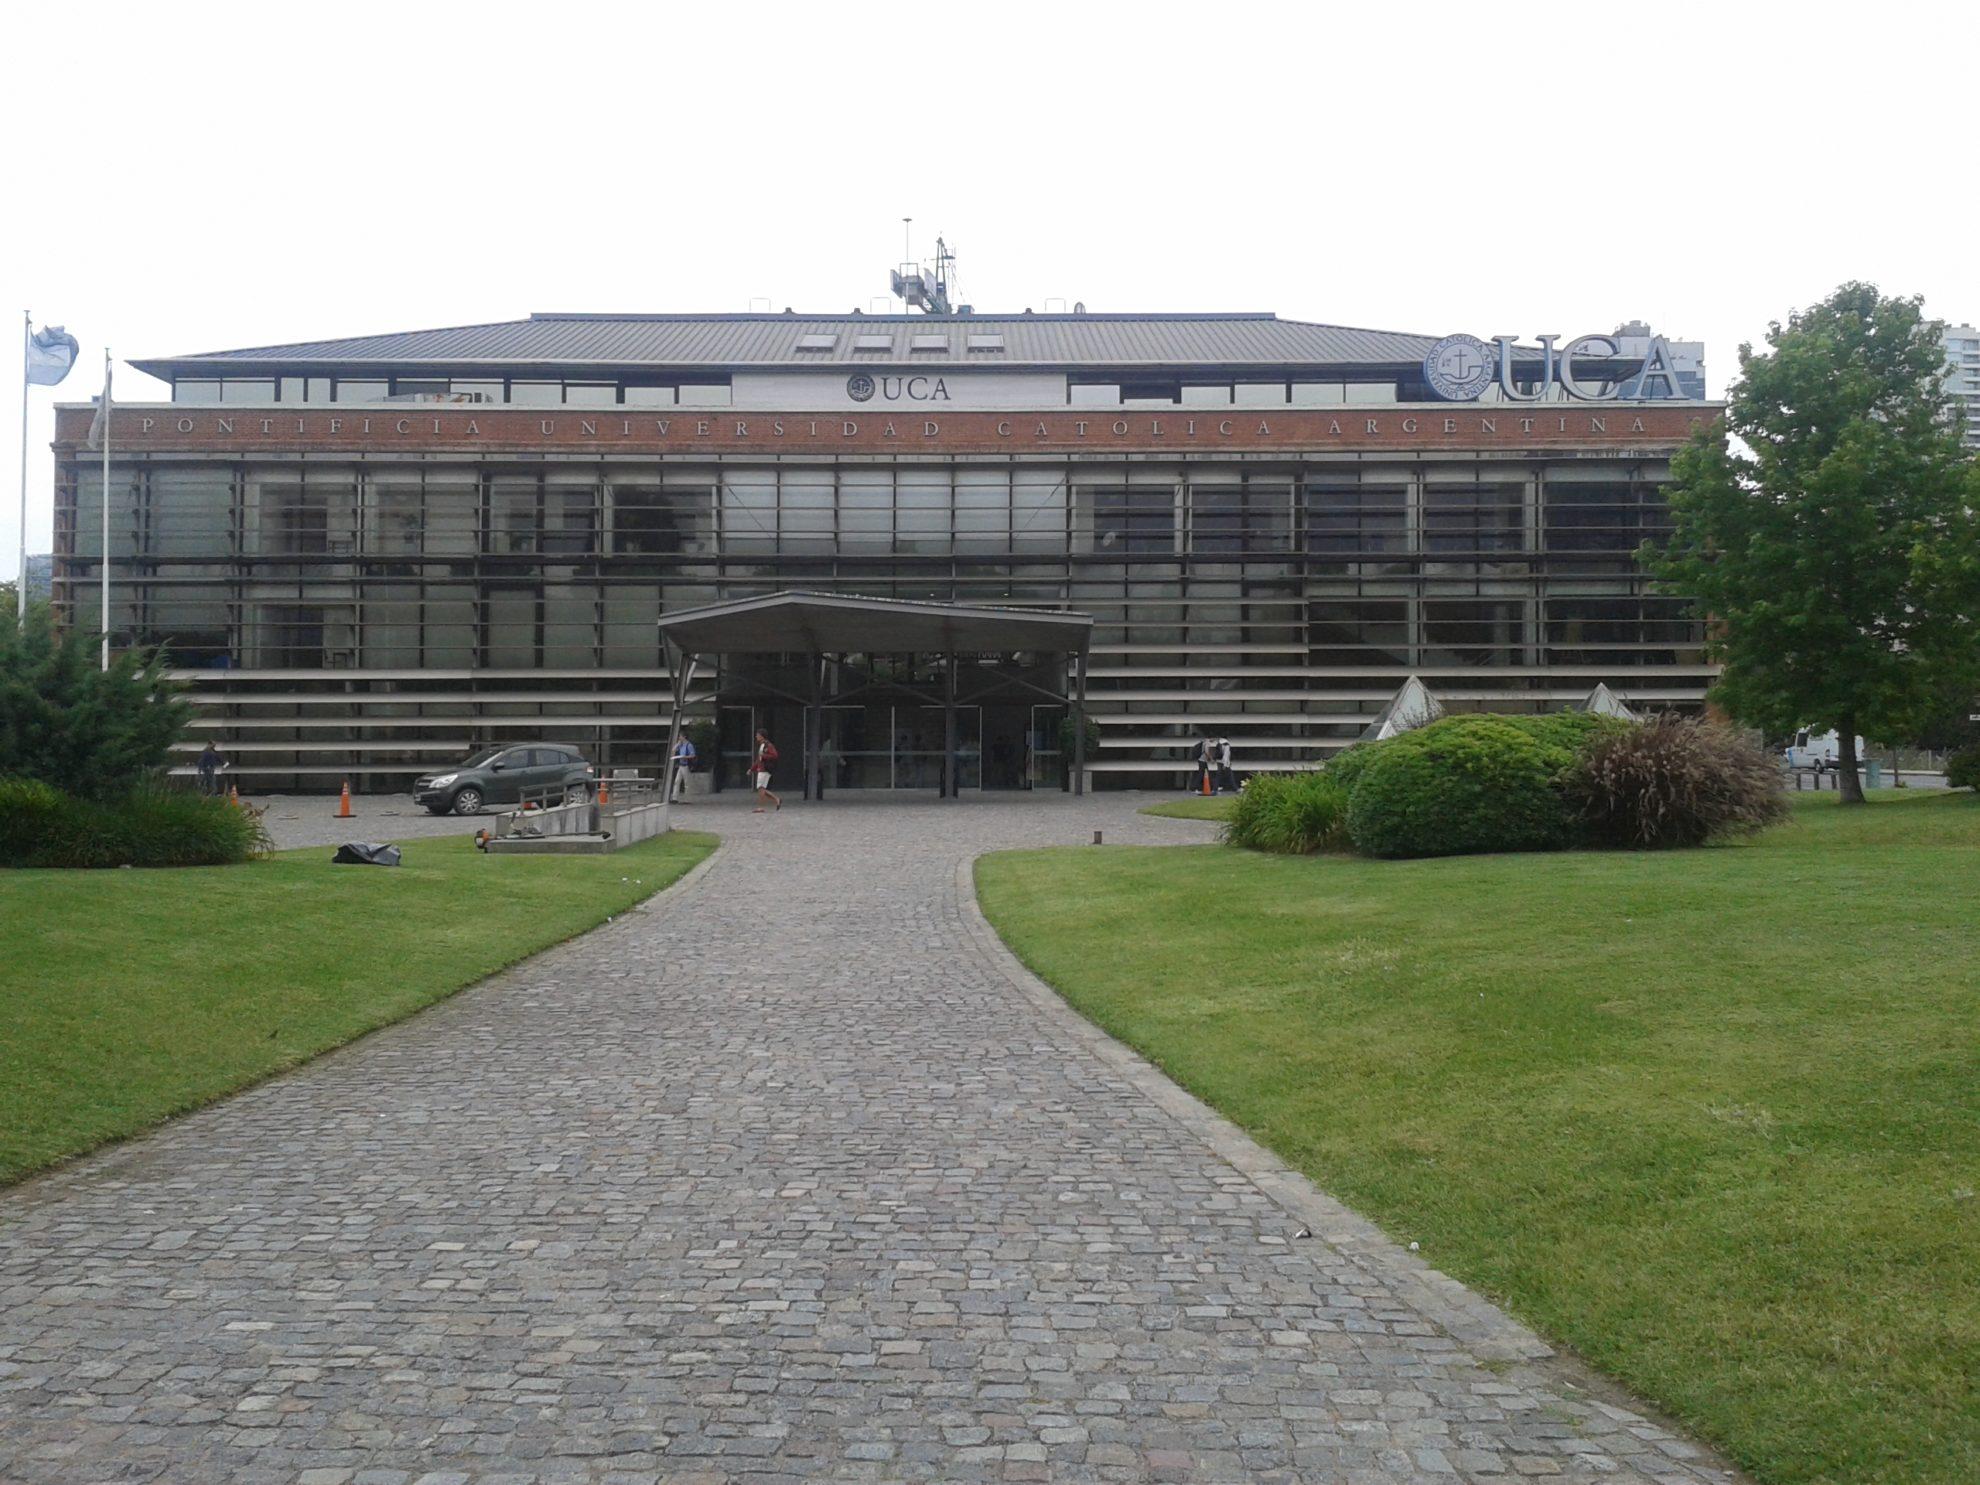 A PUC Argentina (foto) e a Universidade de Buenos Aires (UBA) são duas das instituições que atraem brasileiros. Crédito: Rodrigo Borges Delfim